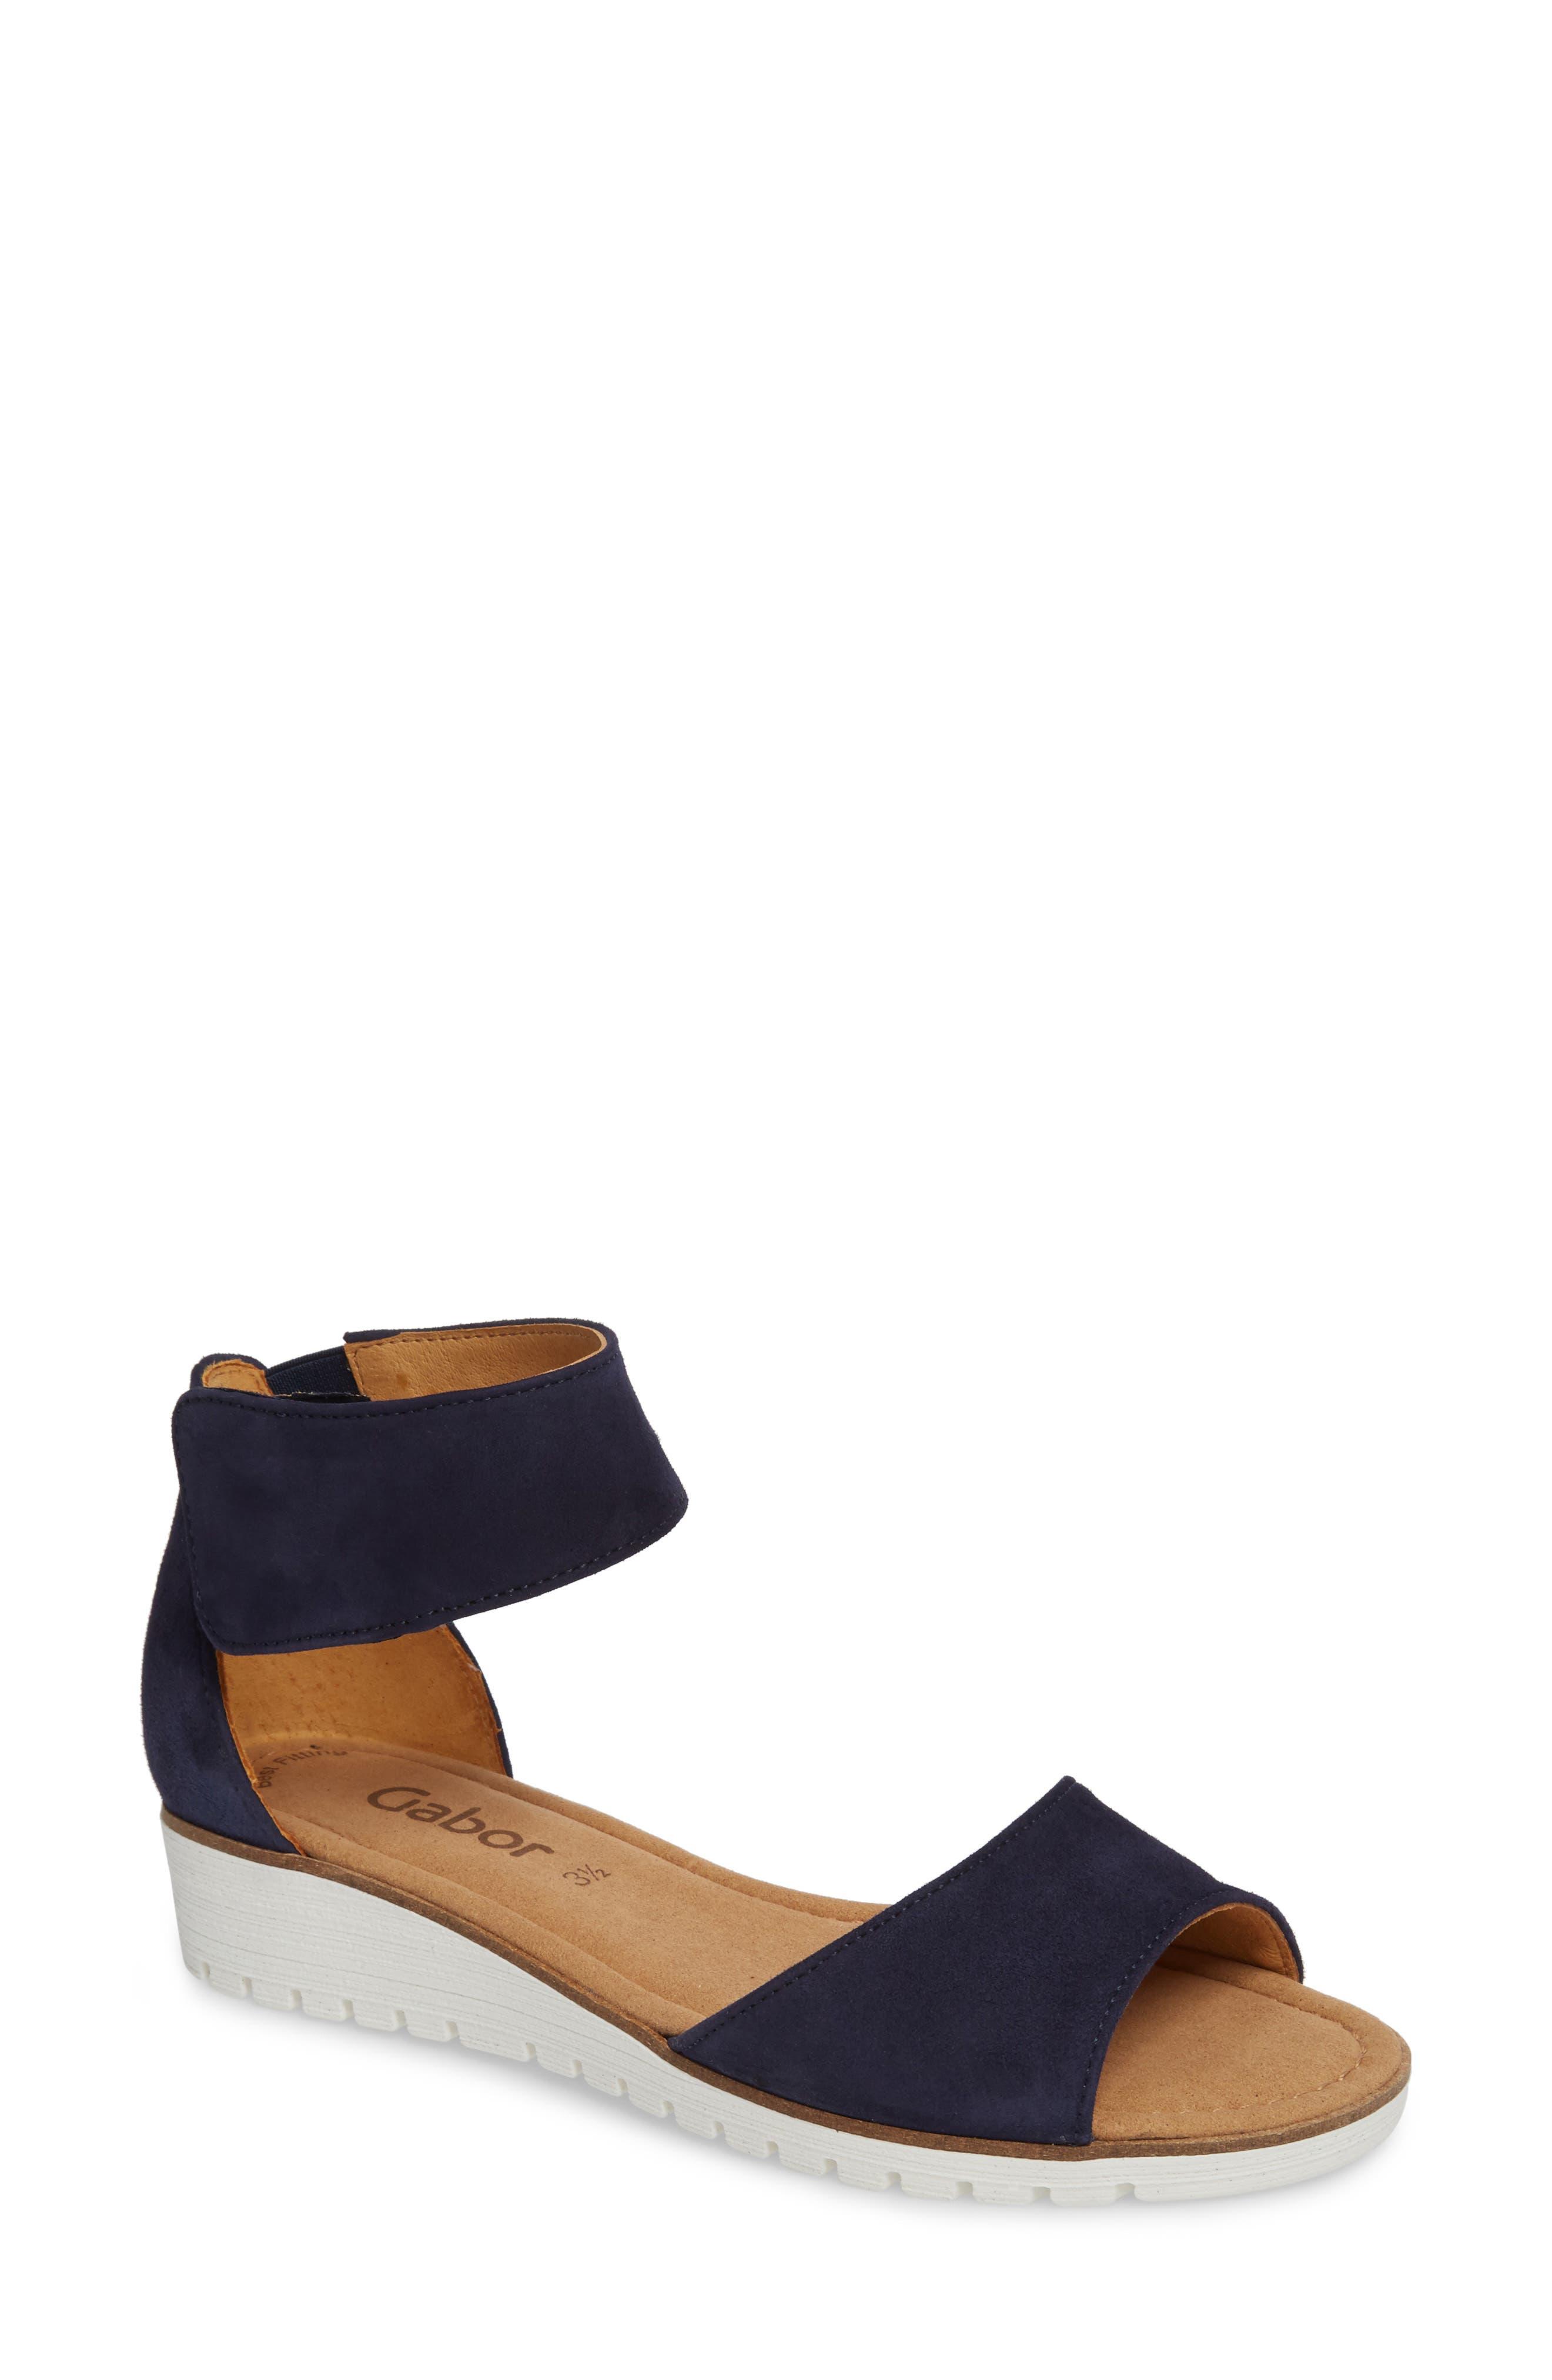 Ankle Strap Sandal,                         Main,                         color, BLUE SUEDE